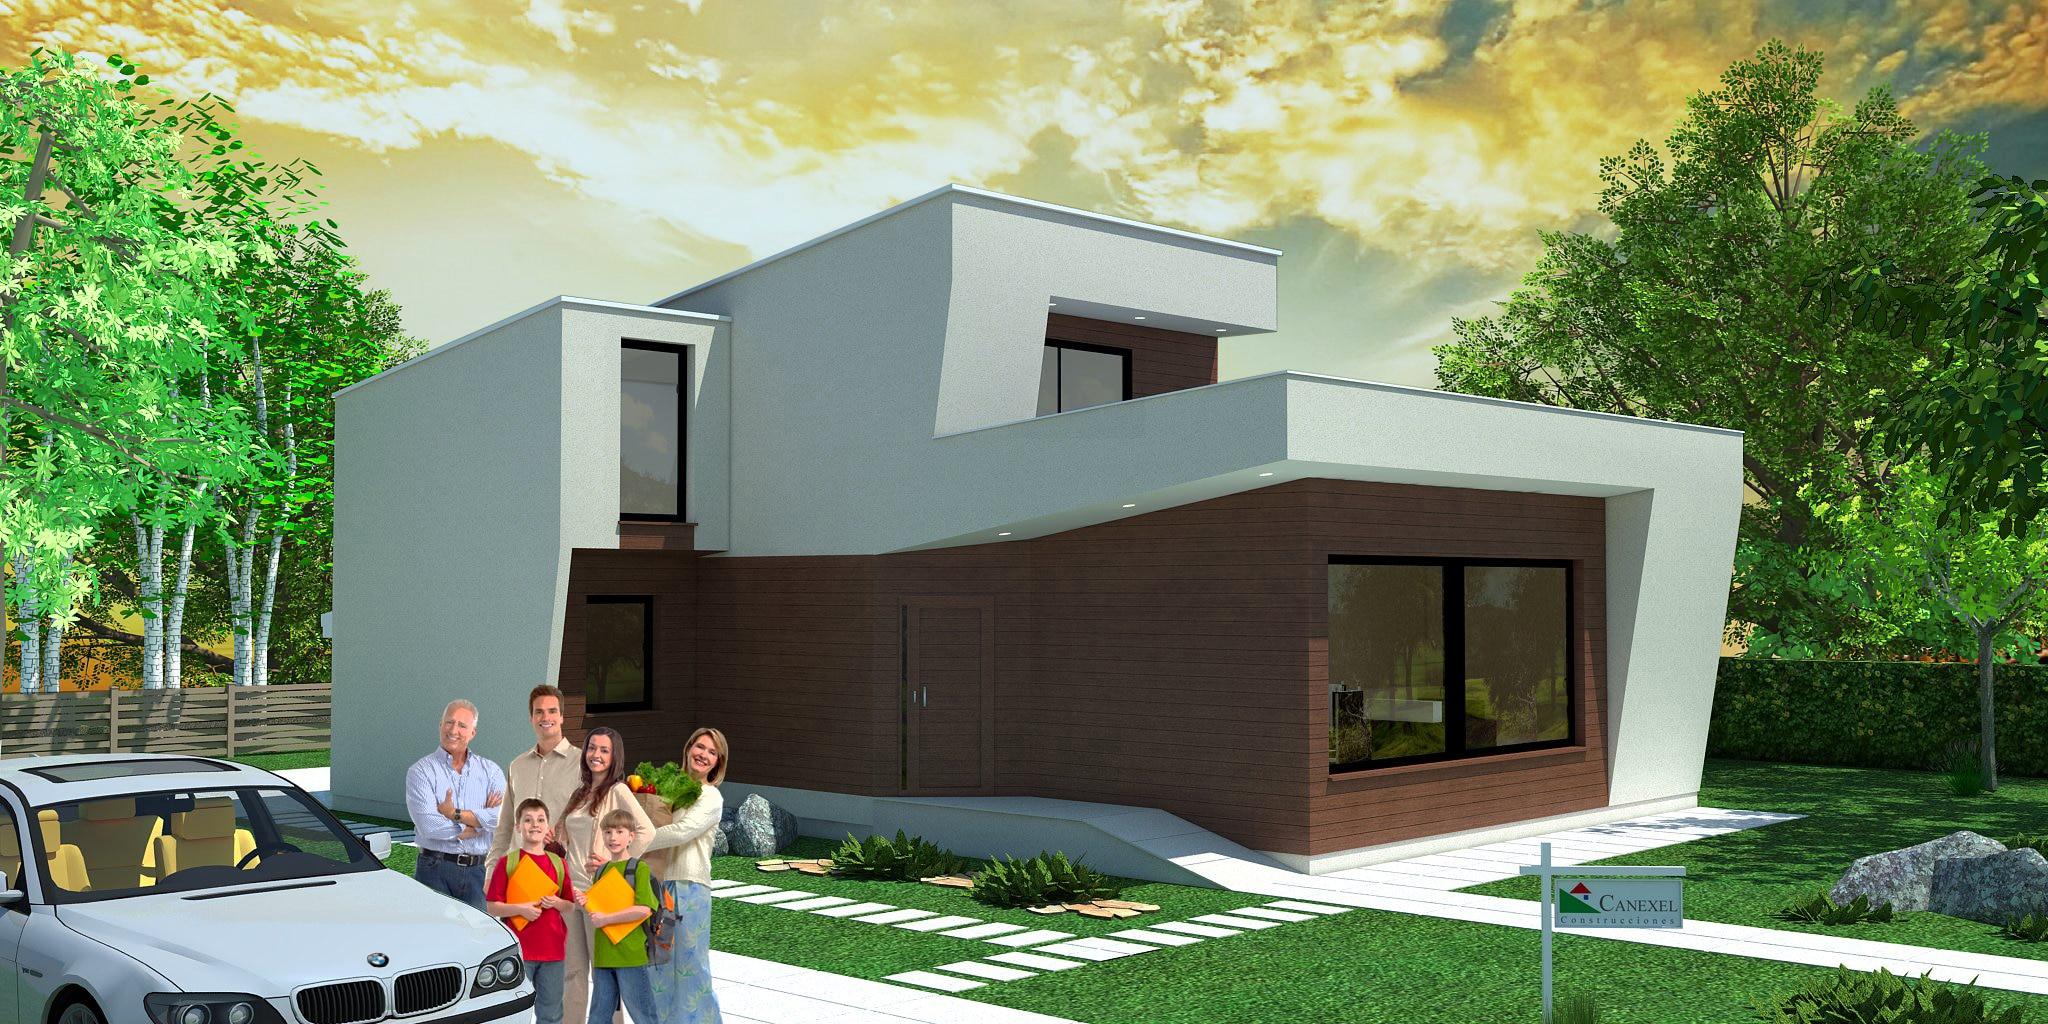 Habitat nueva casa predise ada de estilo moderno canexel - Casa de materiales ...